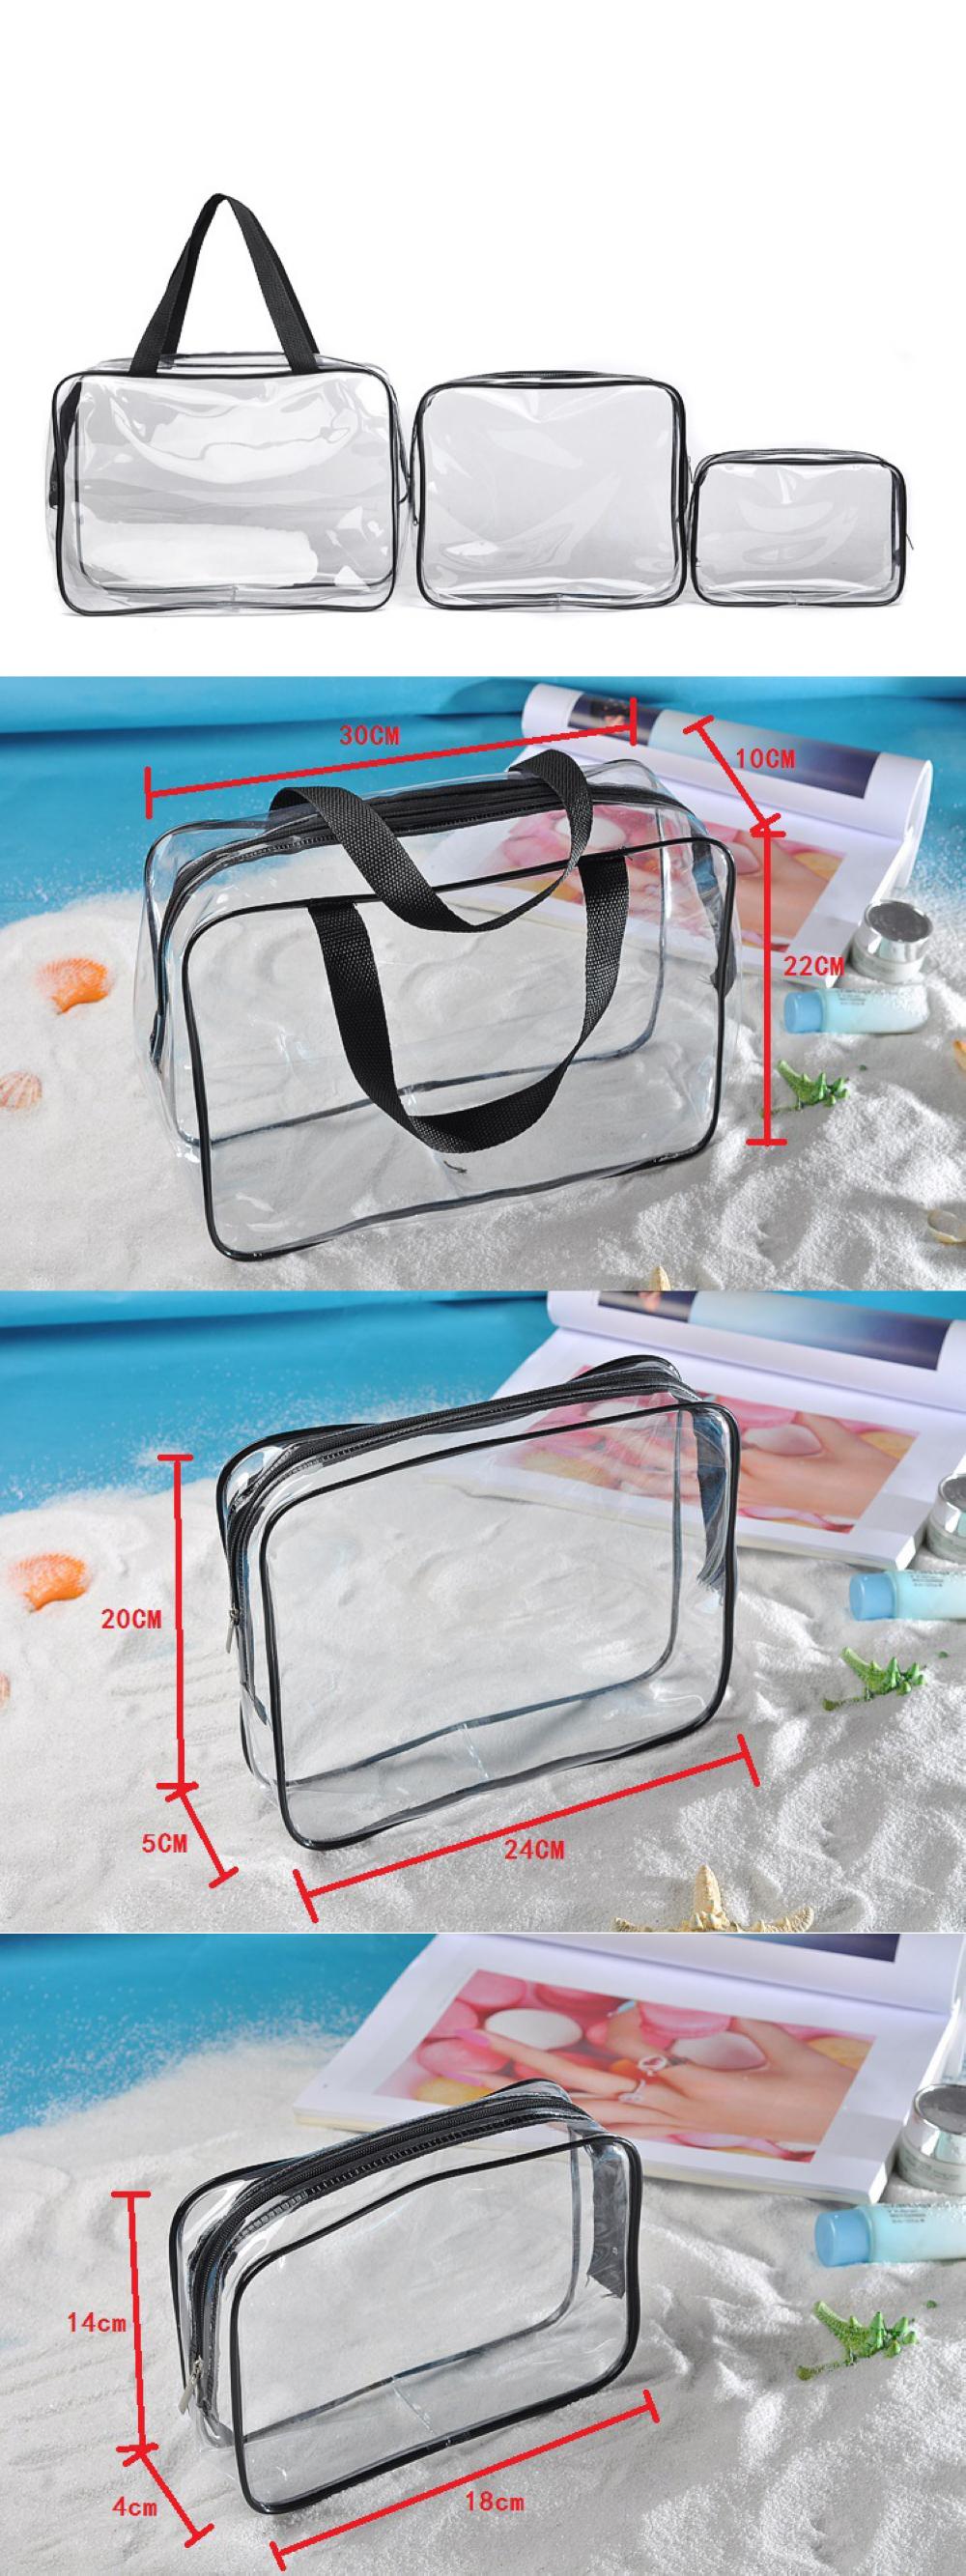 ฤดูร้อนโปรโมชั่น 25 วินาทีความร้อนใสโปร่งใส pvc เครื่องสำอางค์กระเป๋าชุดถุงพลาสติก